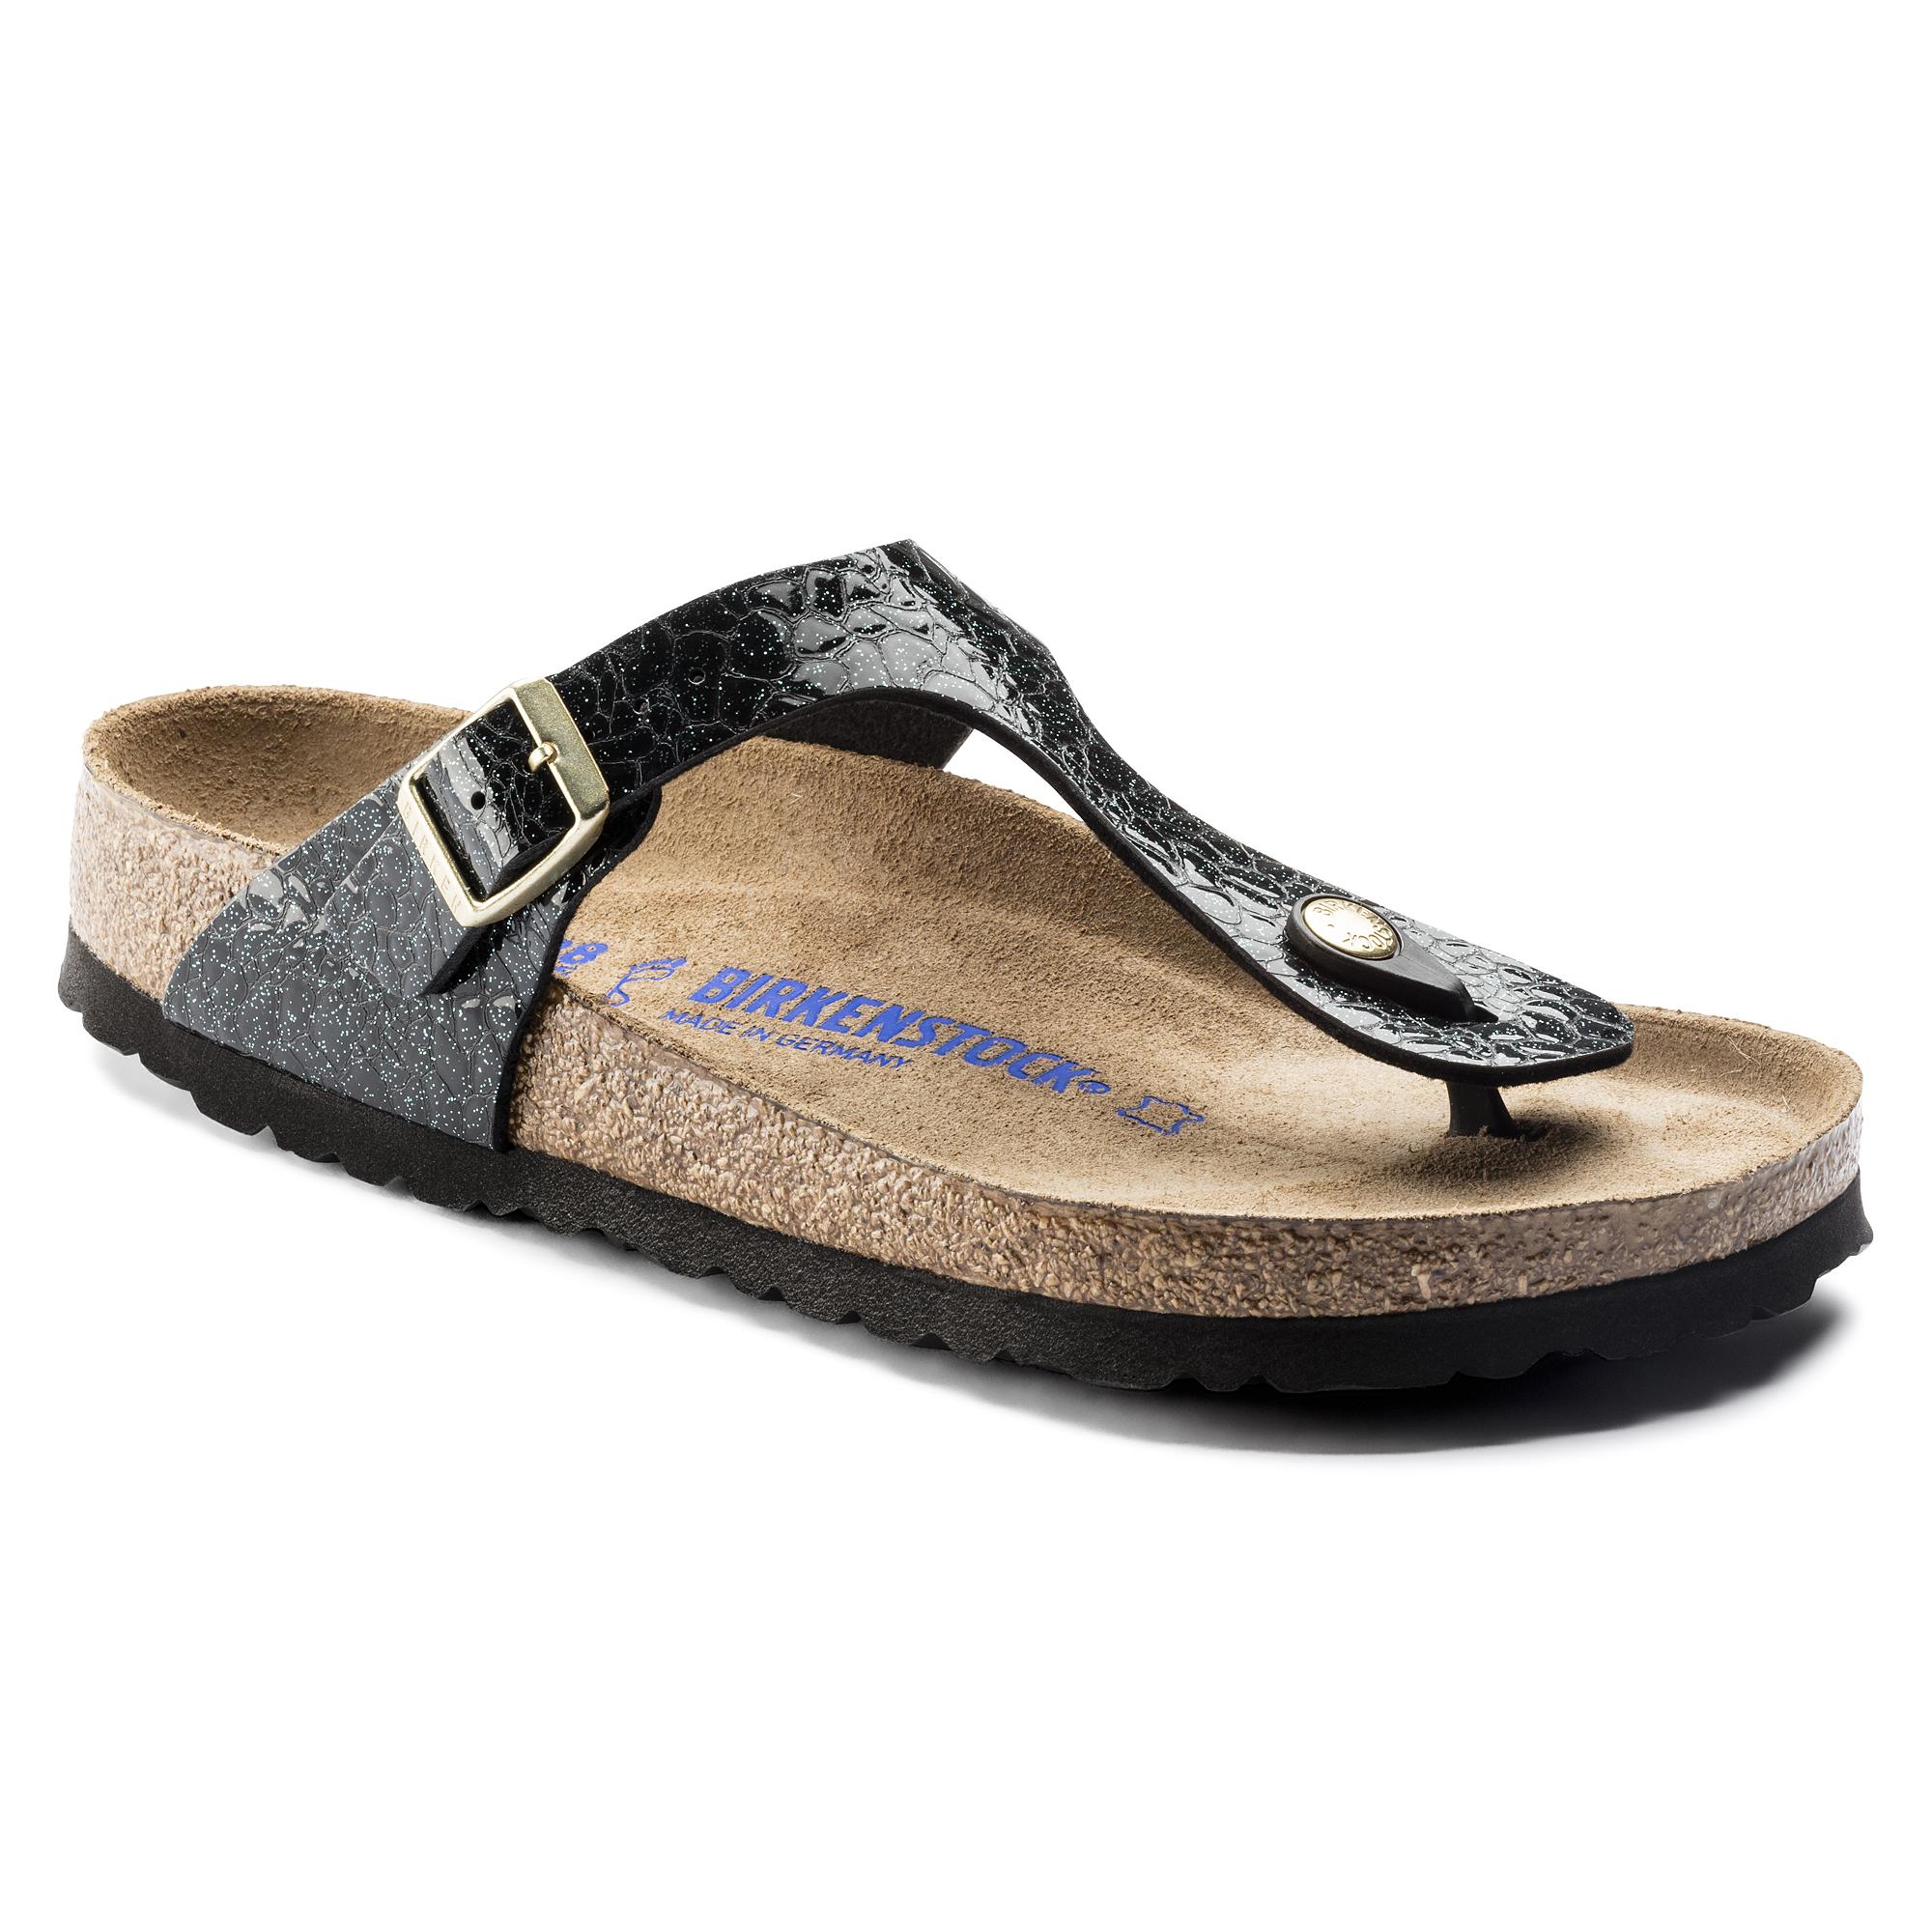 Birkenstock Gizeh Birko Flor Myda Night Soft Footbed Sandals